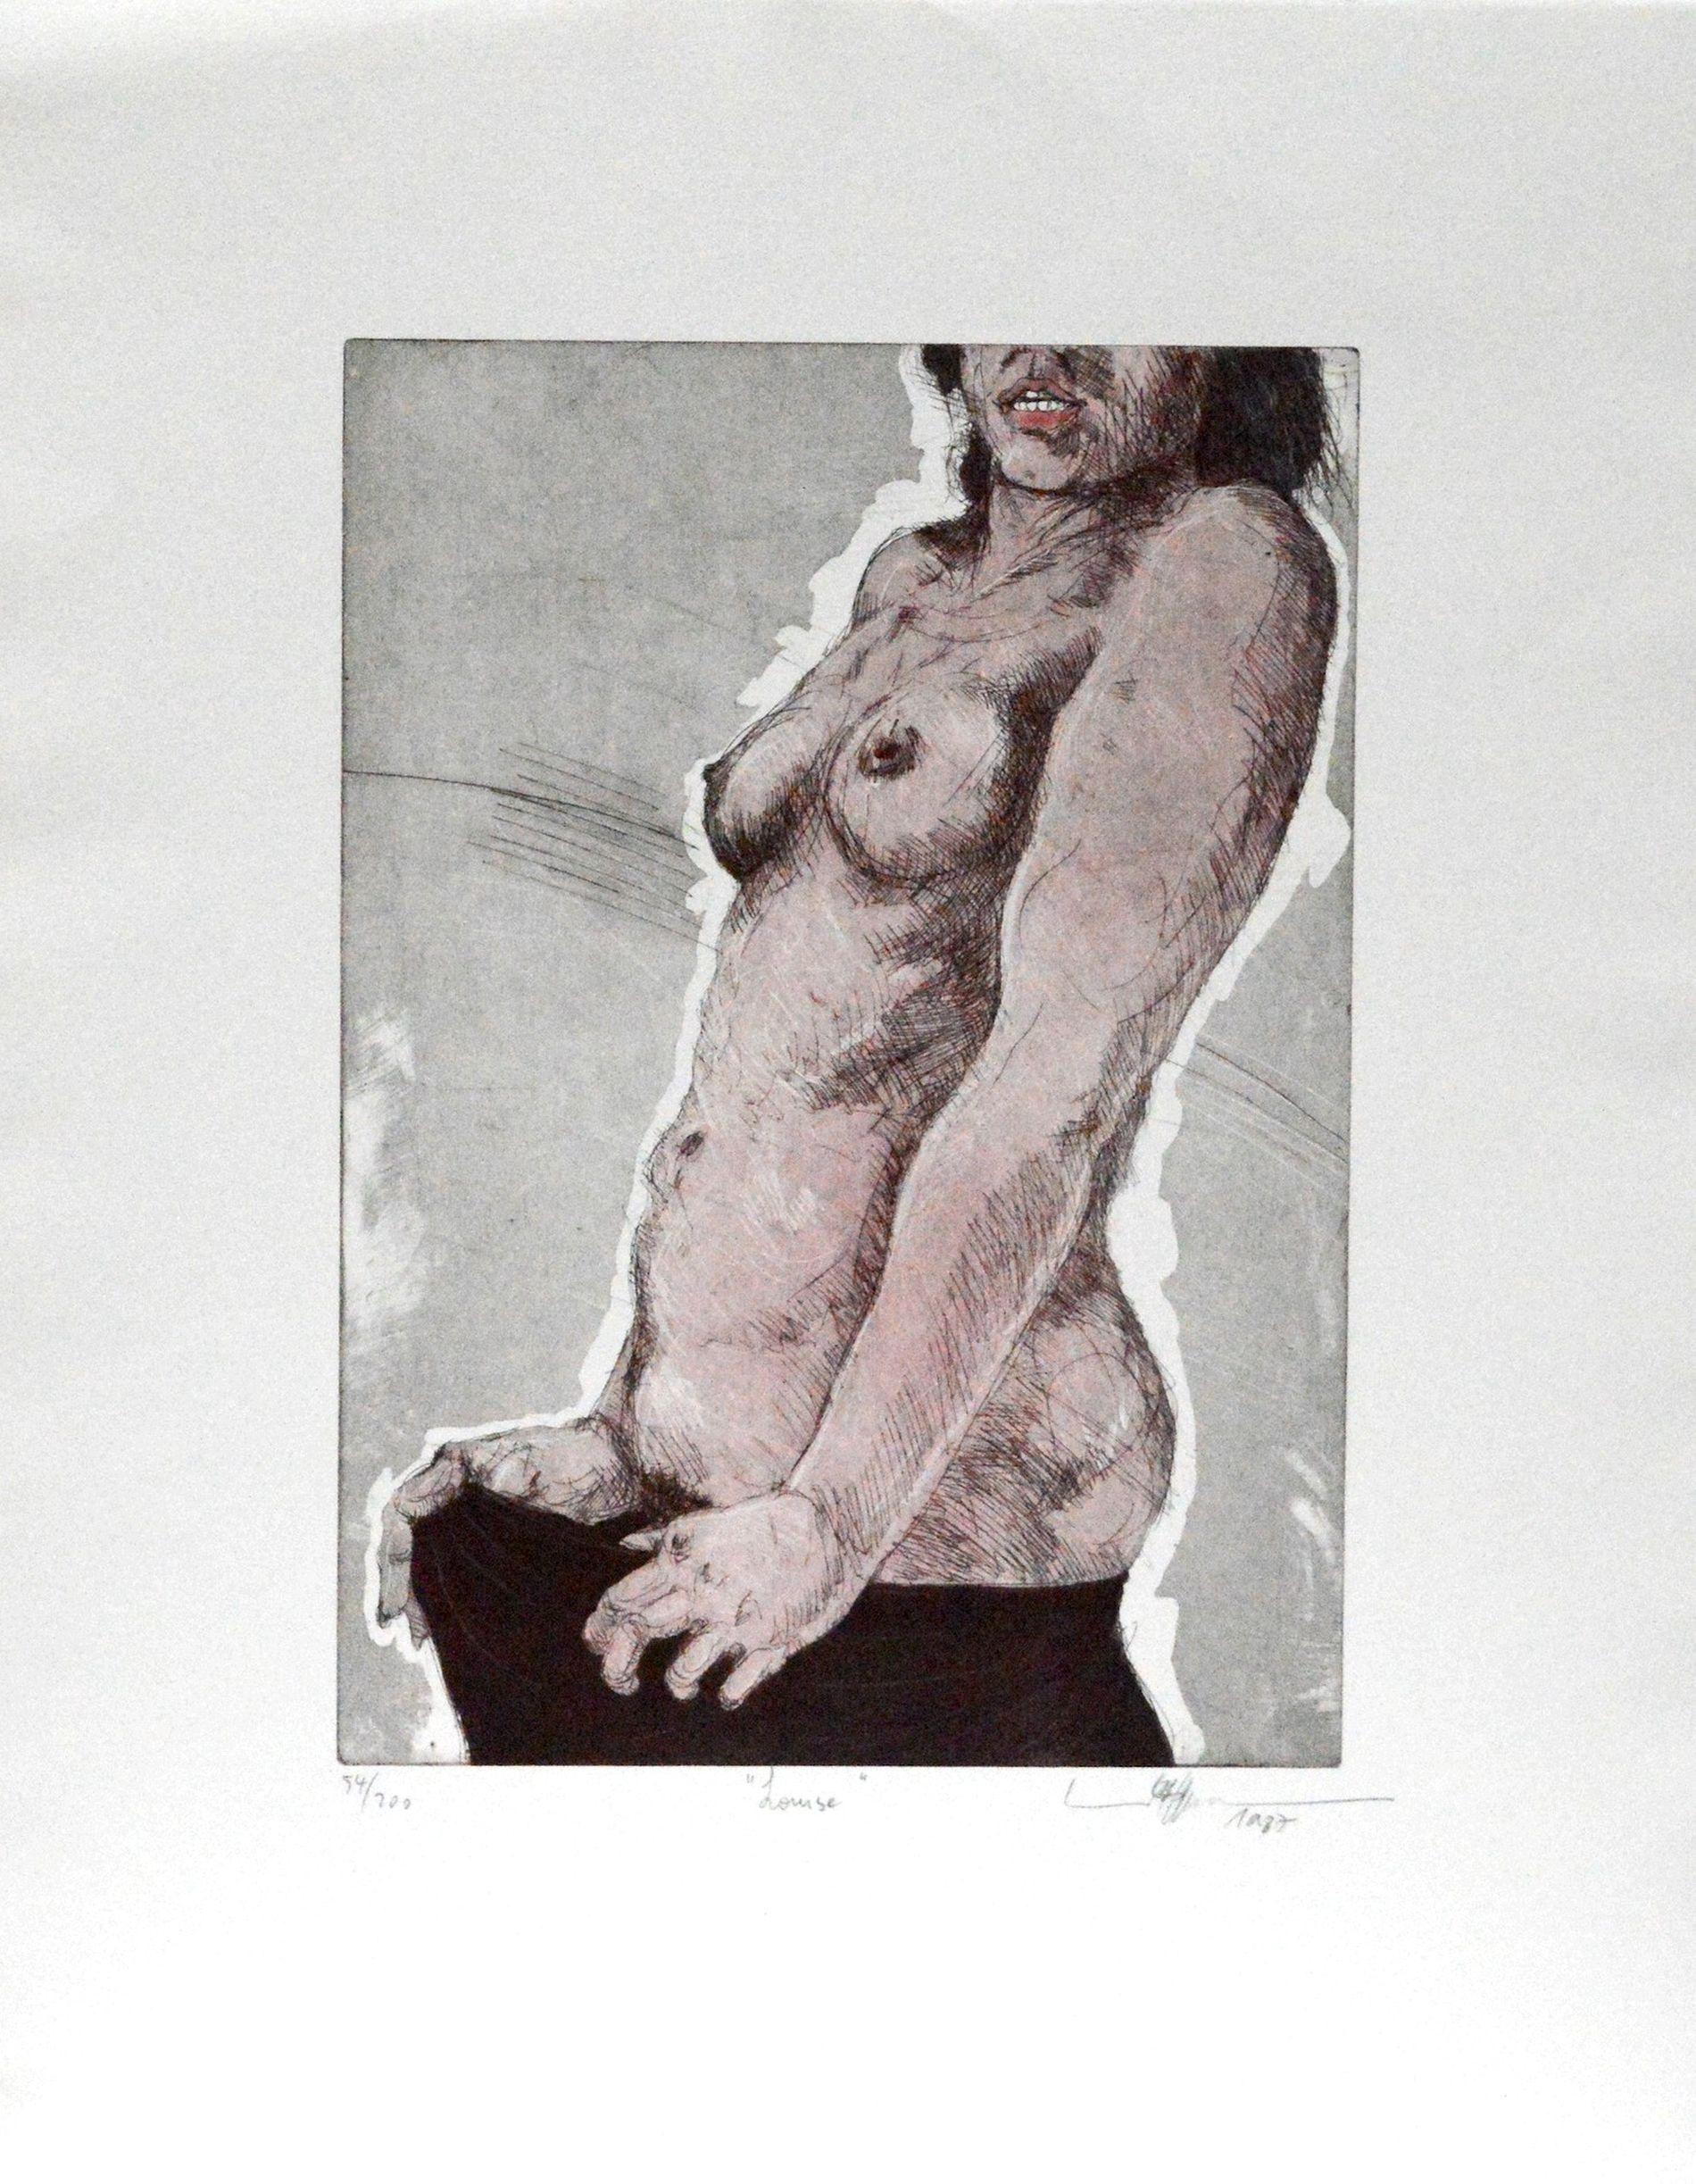 Göttlich, Erhard, Kunst, Galerie Voigt, Nürnberg